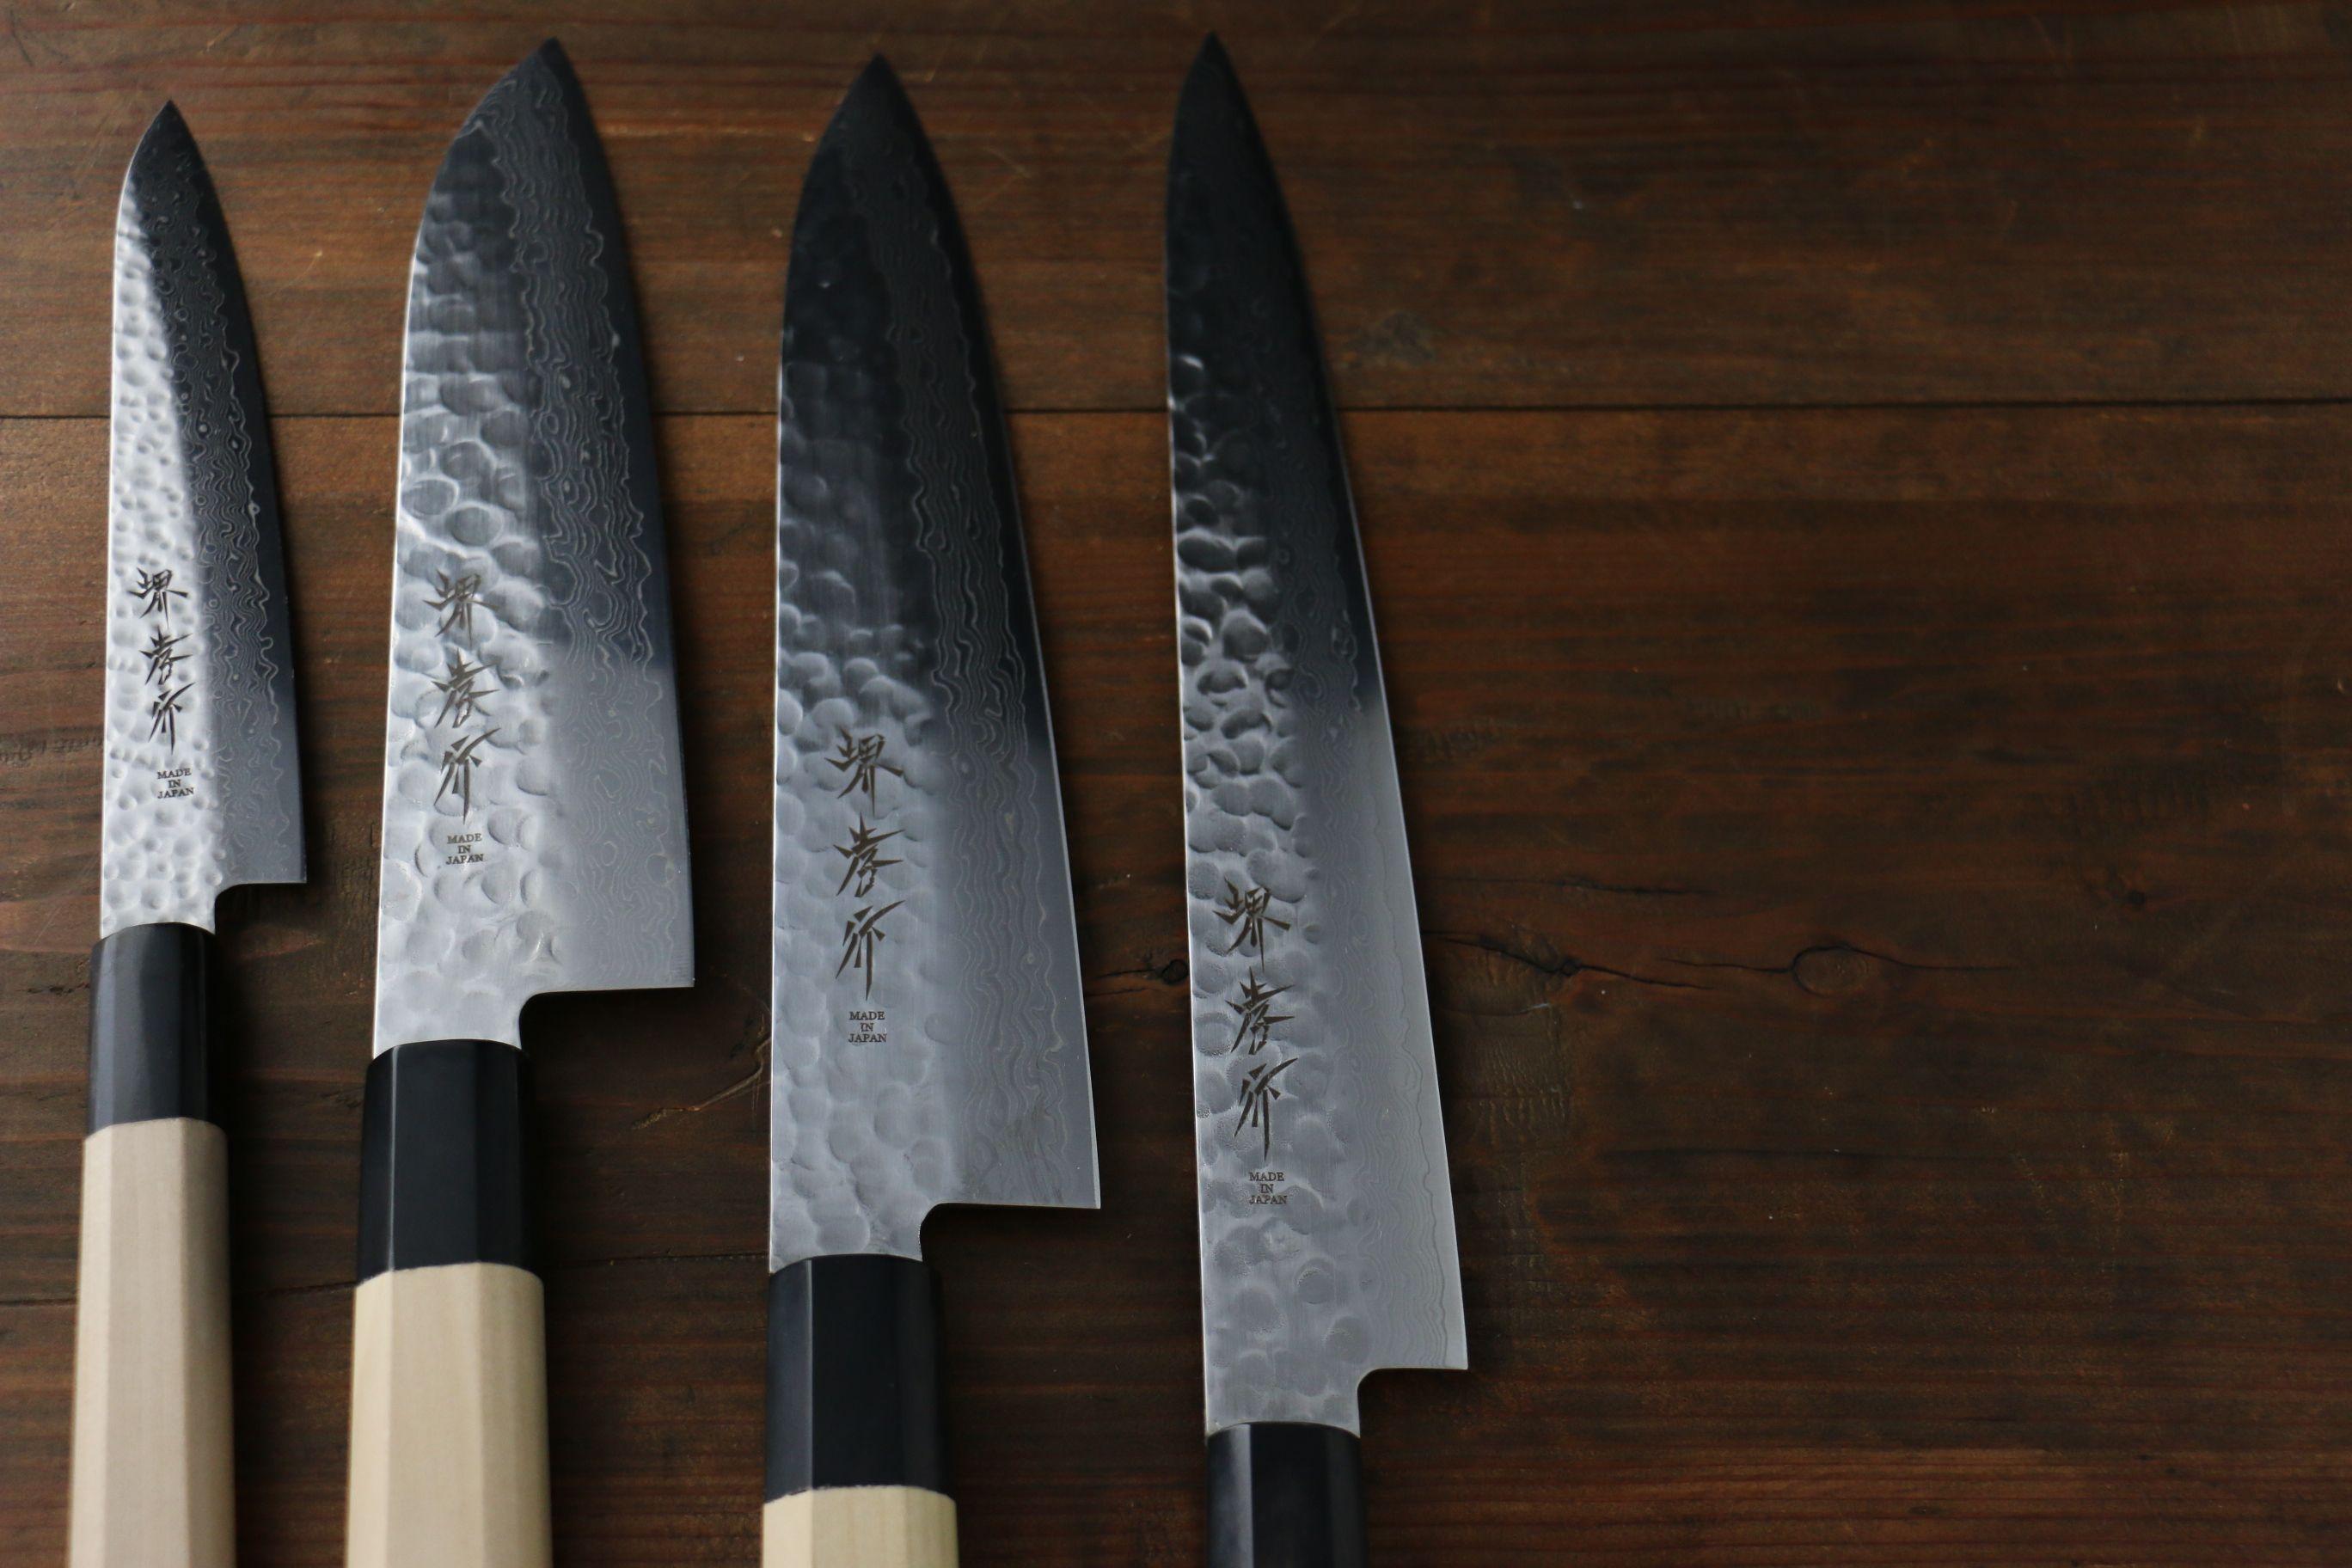 Sushi  sushifactoryblog